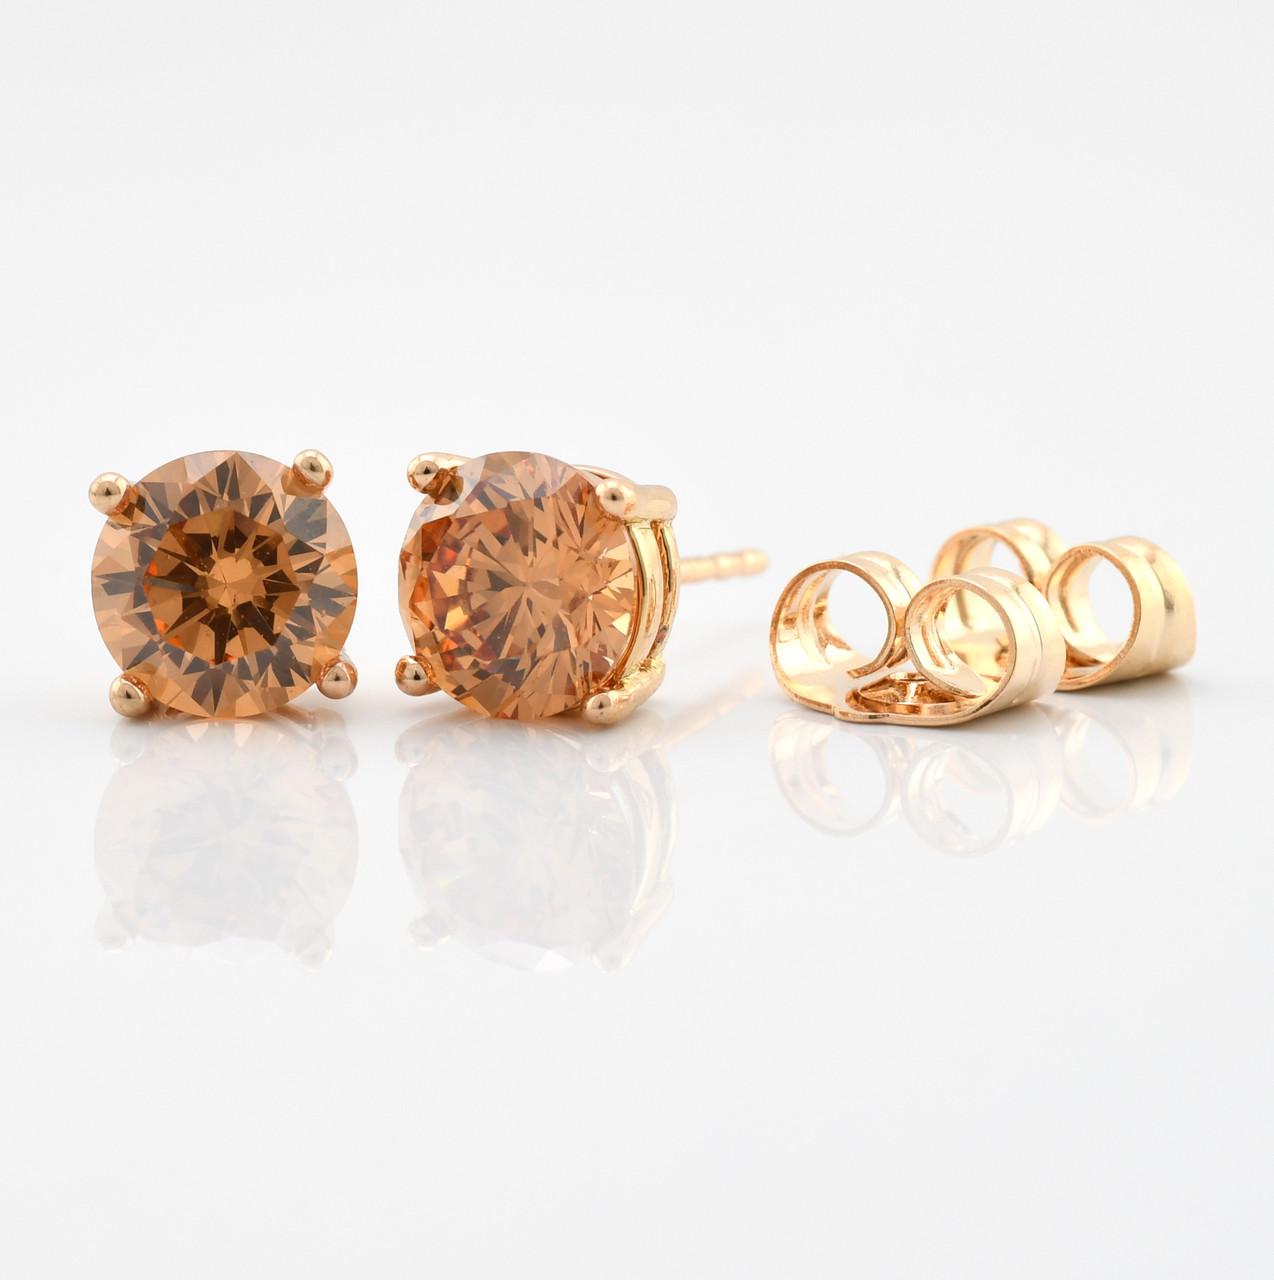 Серьги-гвоздики 21733, размер 7*7 мм, фианиты цвета шампань, позолота 18К